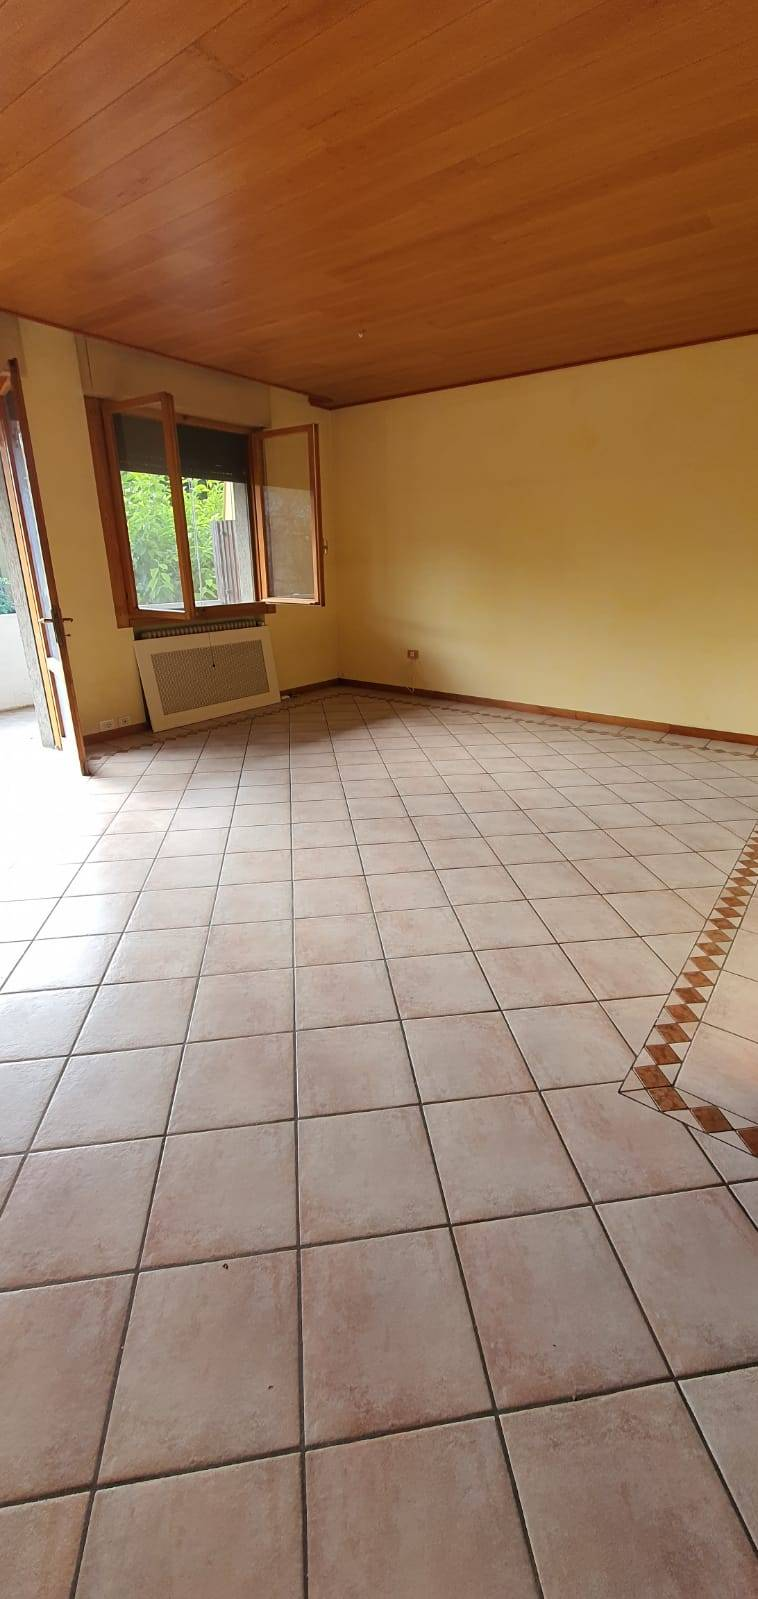 Appartamento in vendita a Villorba, 5 locali, zona tà, prezzo € 125.000 | PortaleAgenzieImmobiliari.it